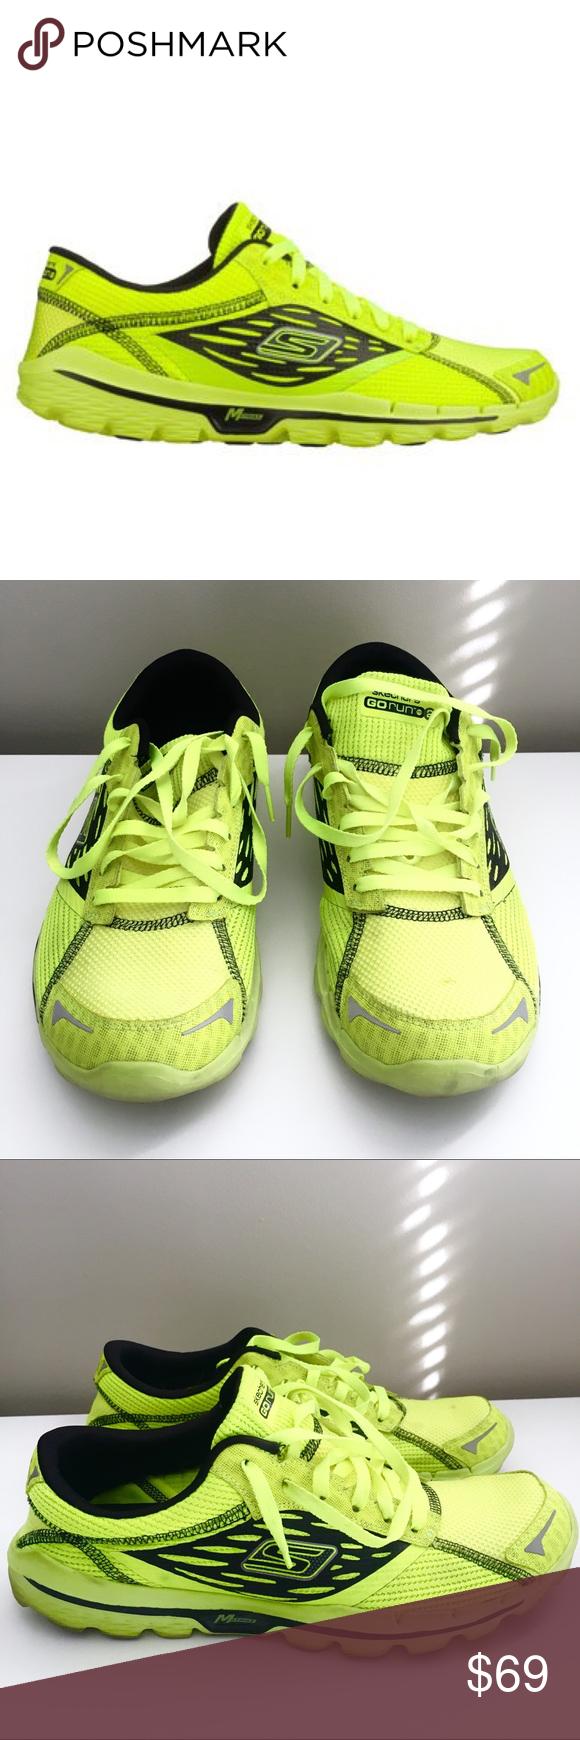 Skechers Go Run 2 Neon Lime & Black Running Shoe Men's